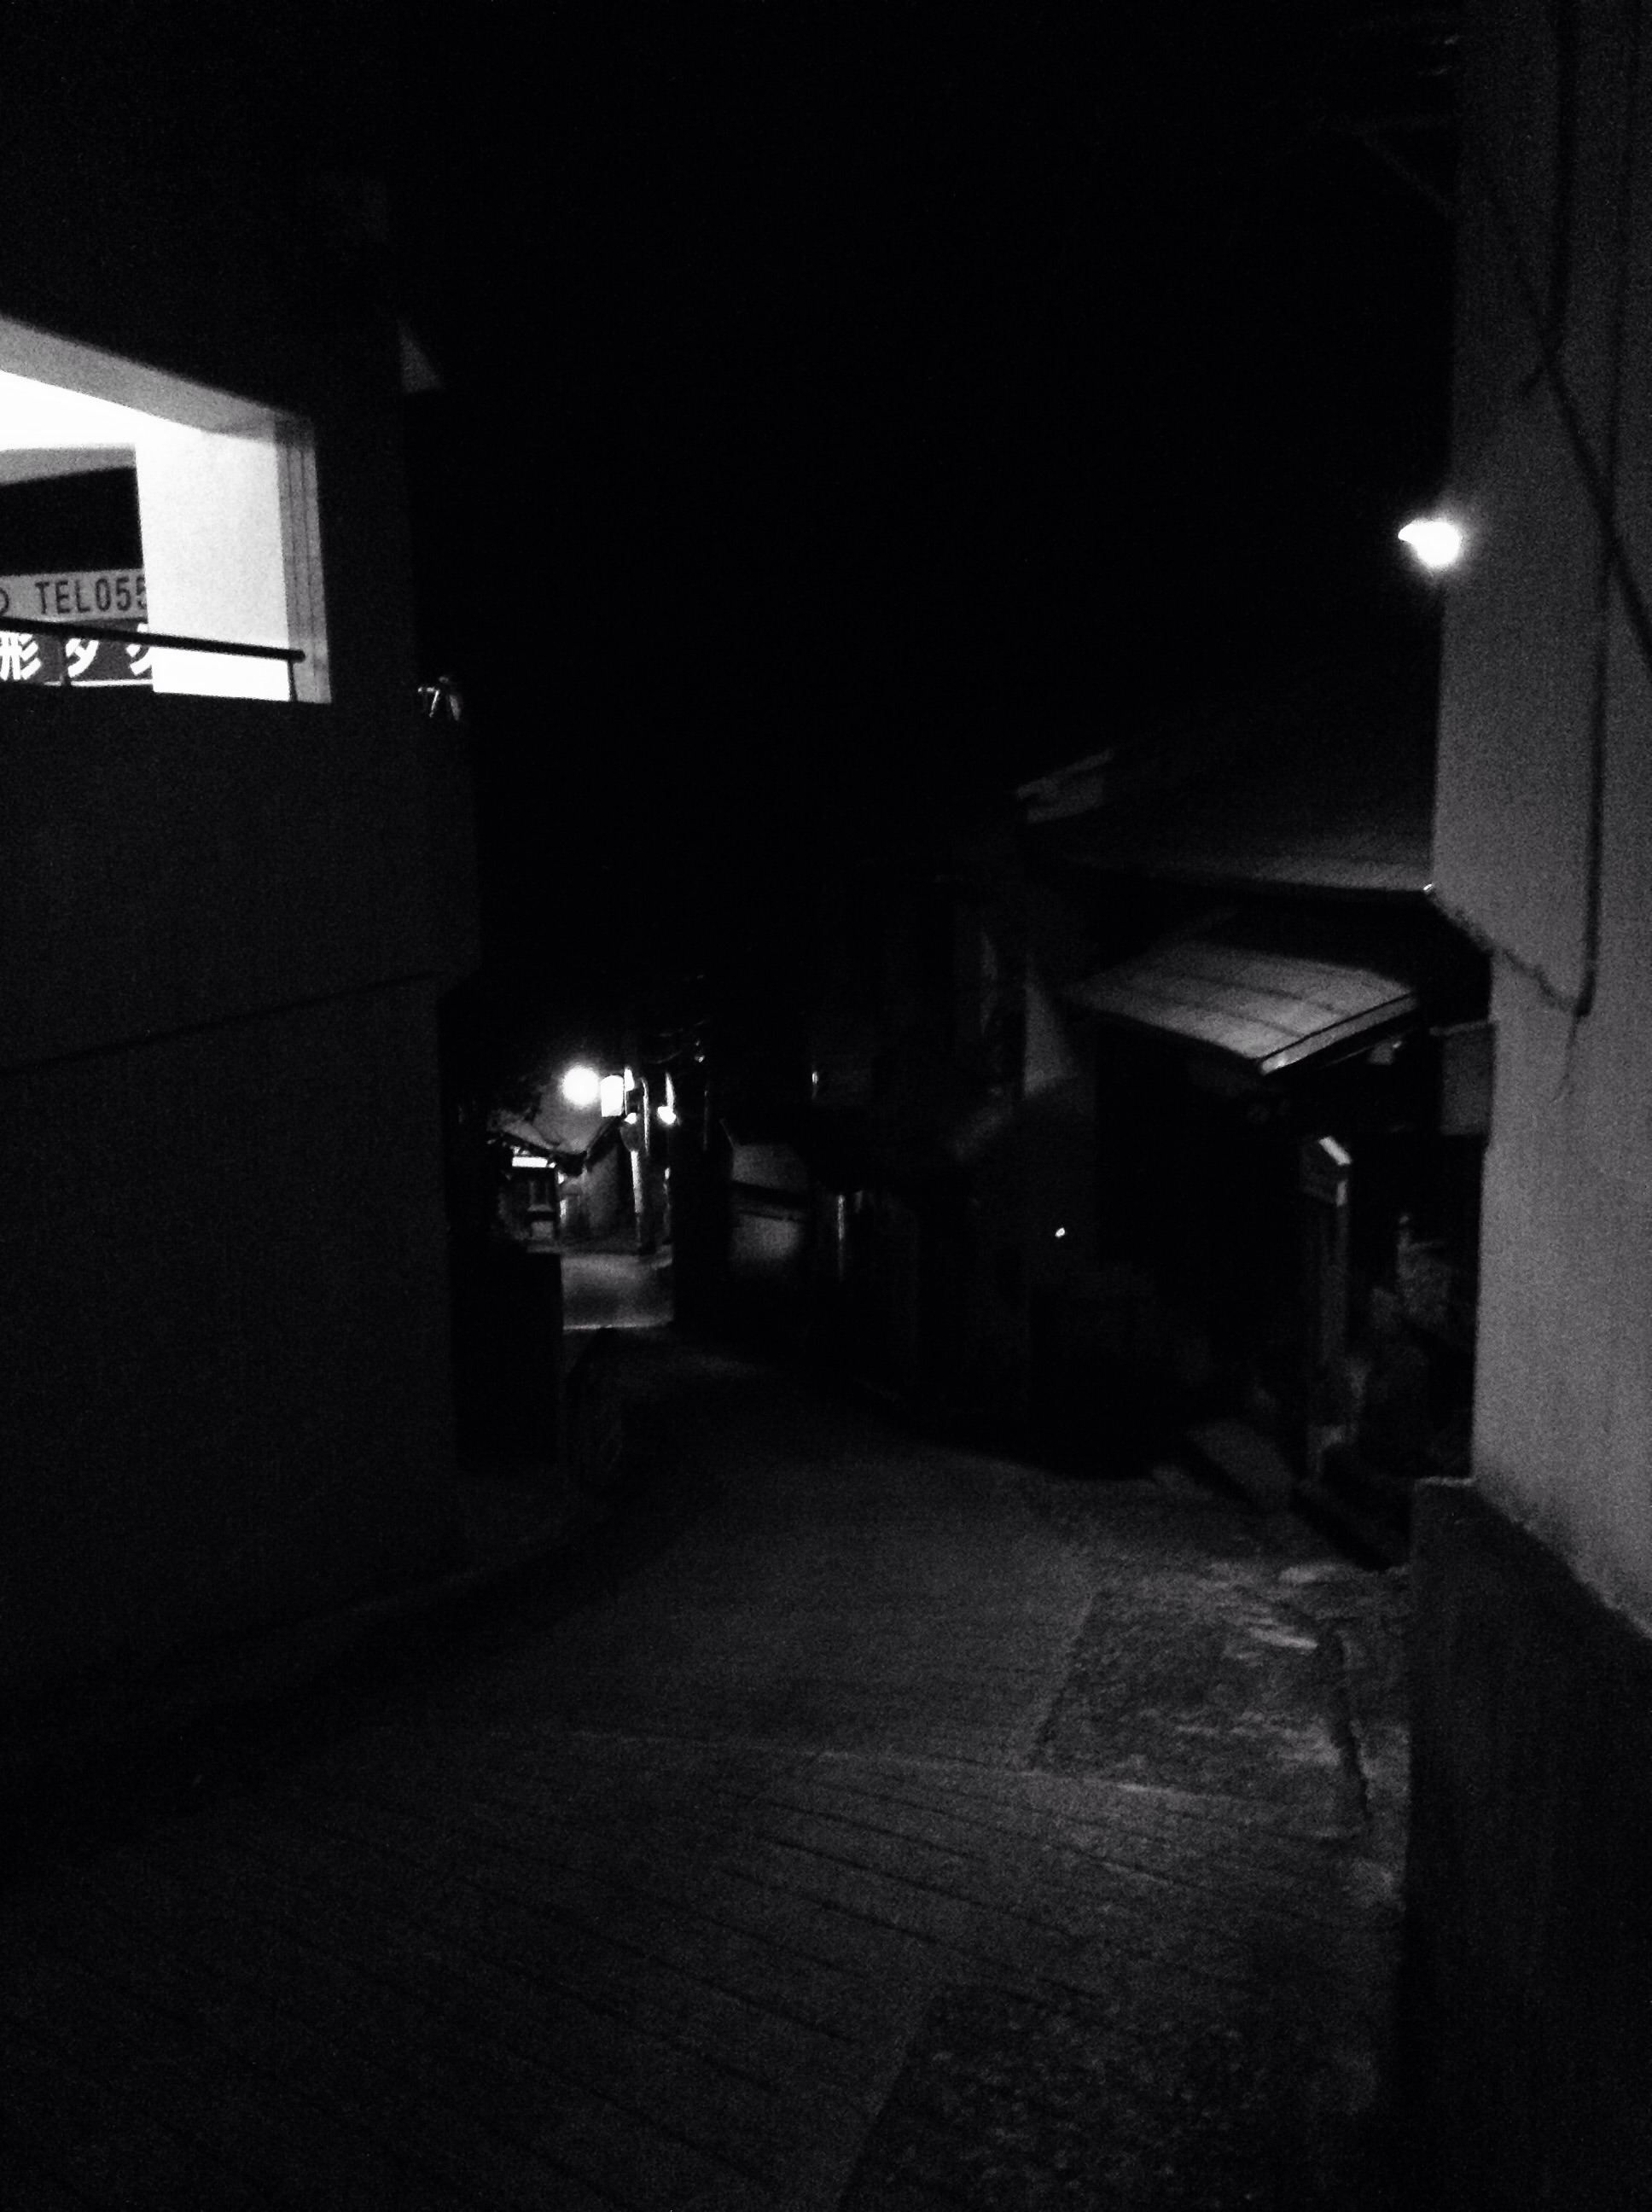 Night street of Atami